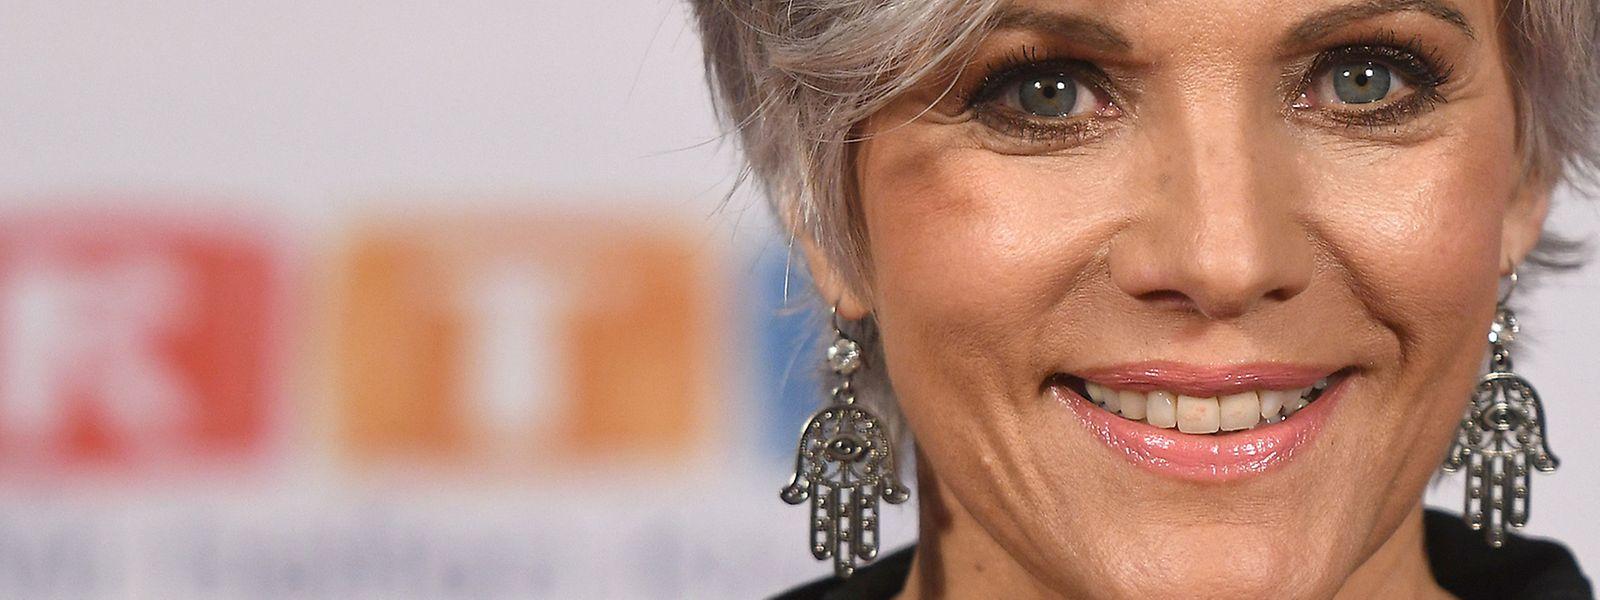 Birgit Schrowange ist eine der bekanntesten deutschen TV-Moderatorinnen.